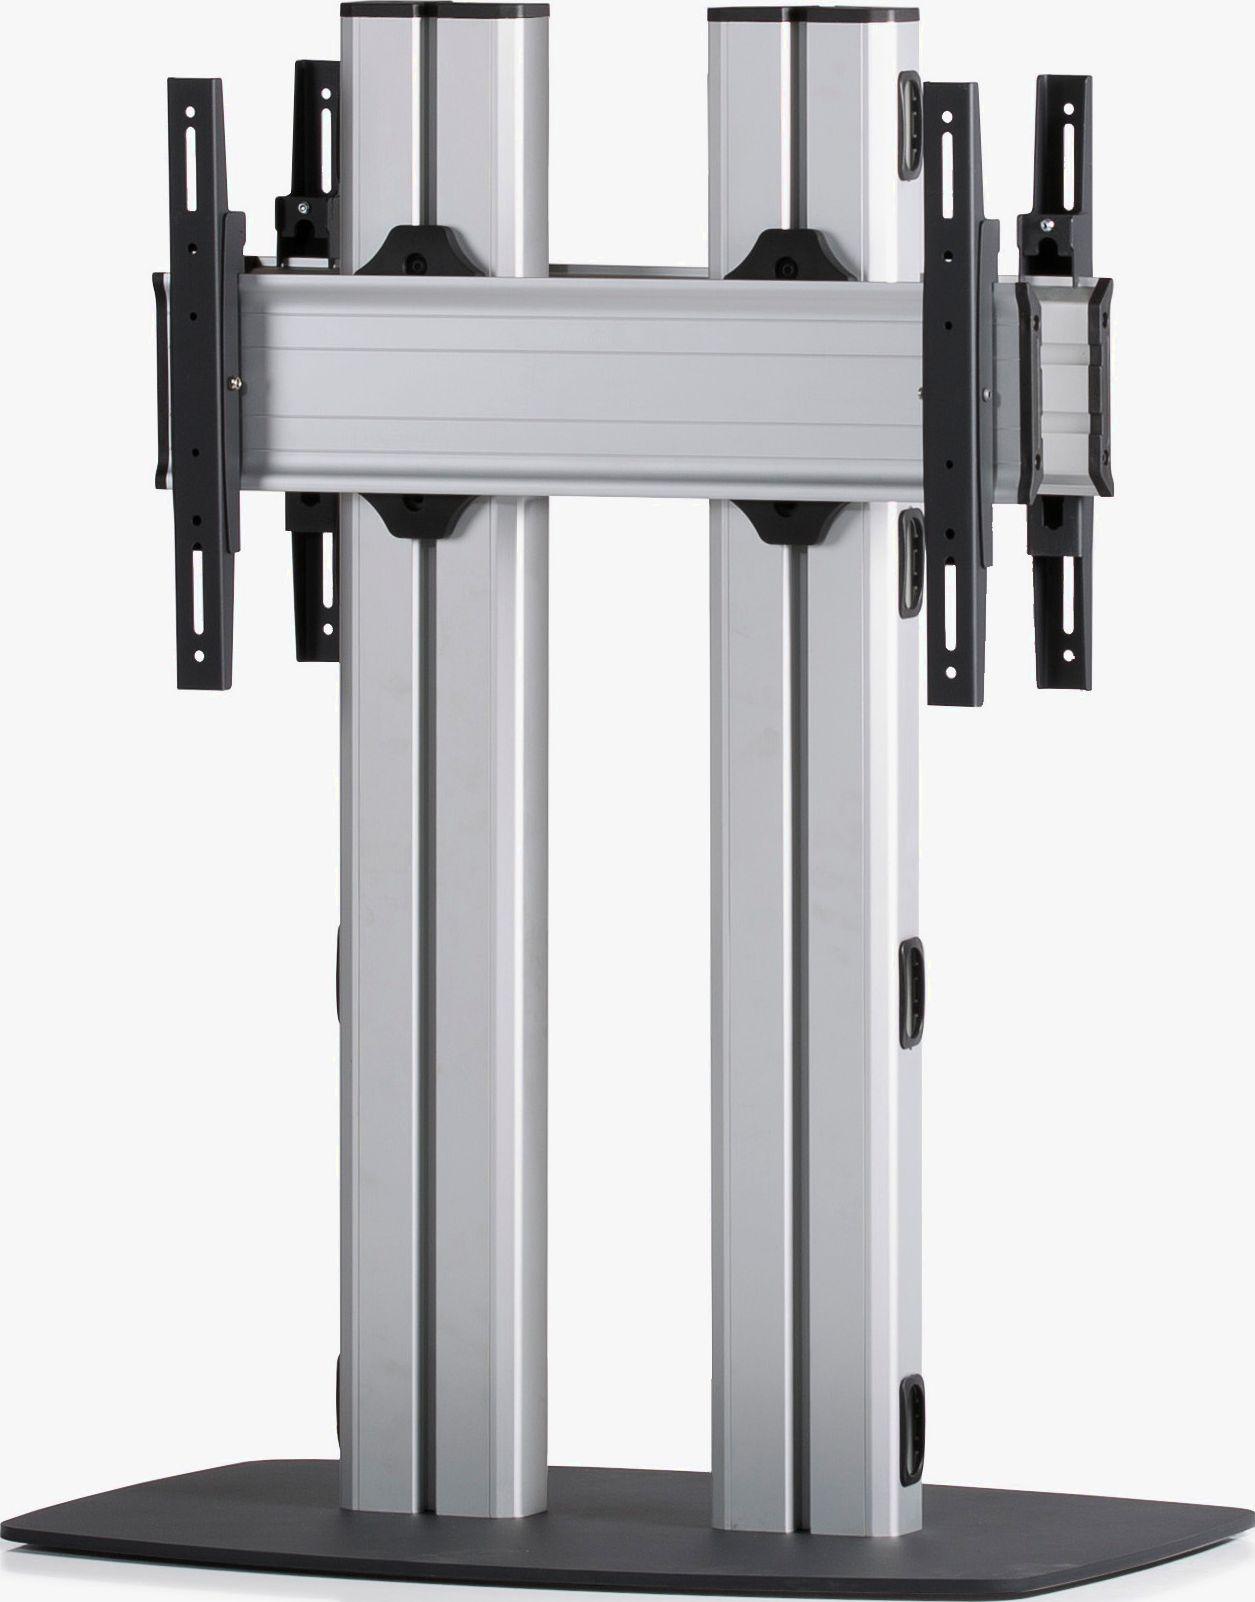 2 Displays 1×1 beidseitig, für große Bildschirme, Höhe 110 cm, Standard-VESA, mit Standfuß